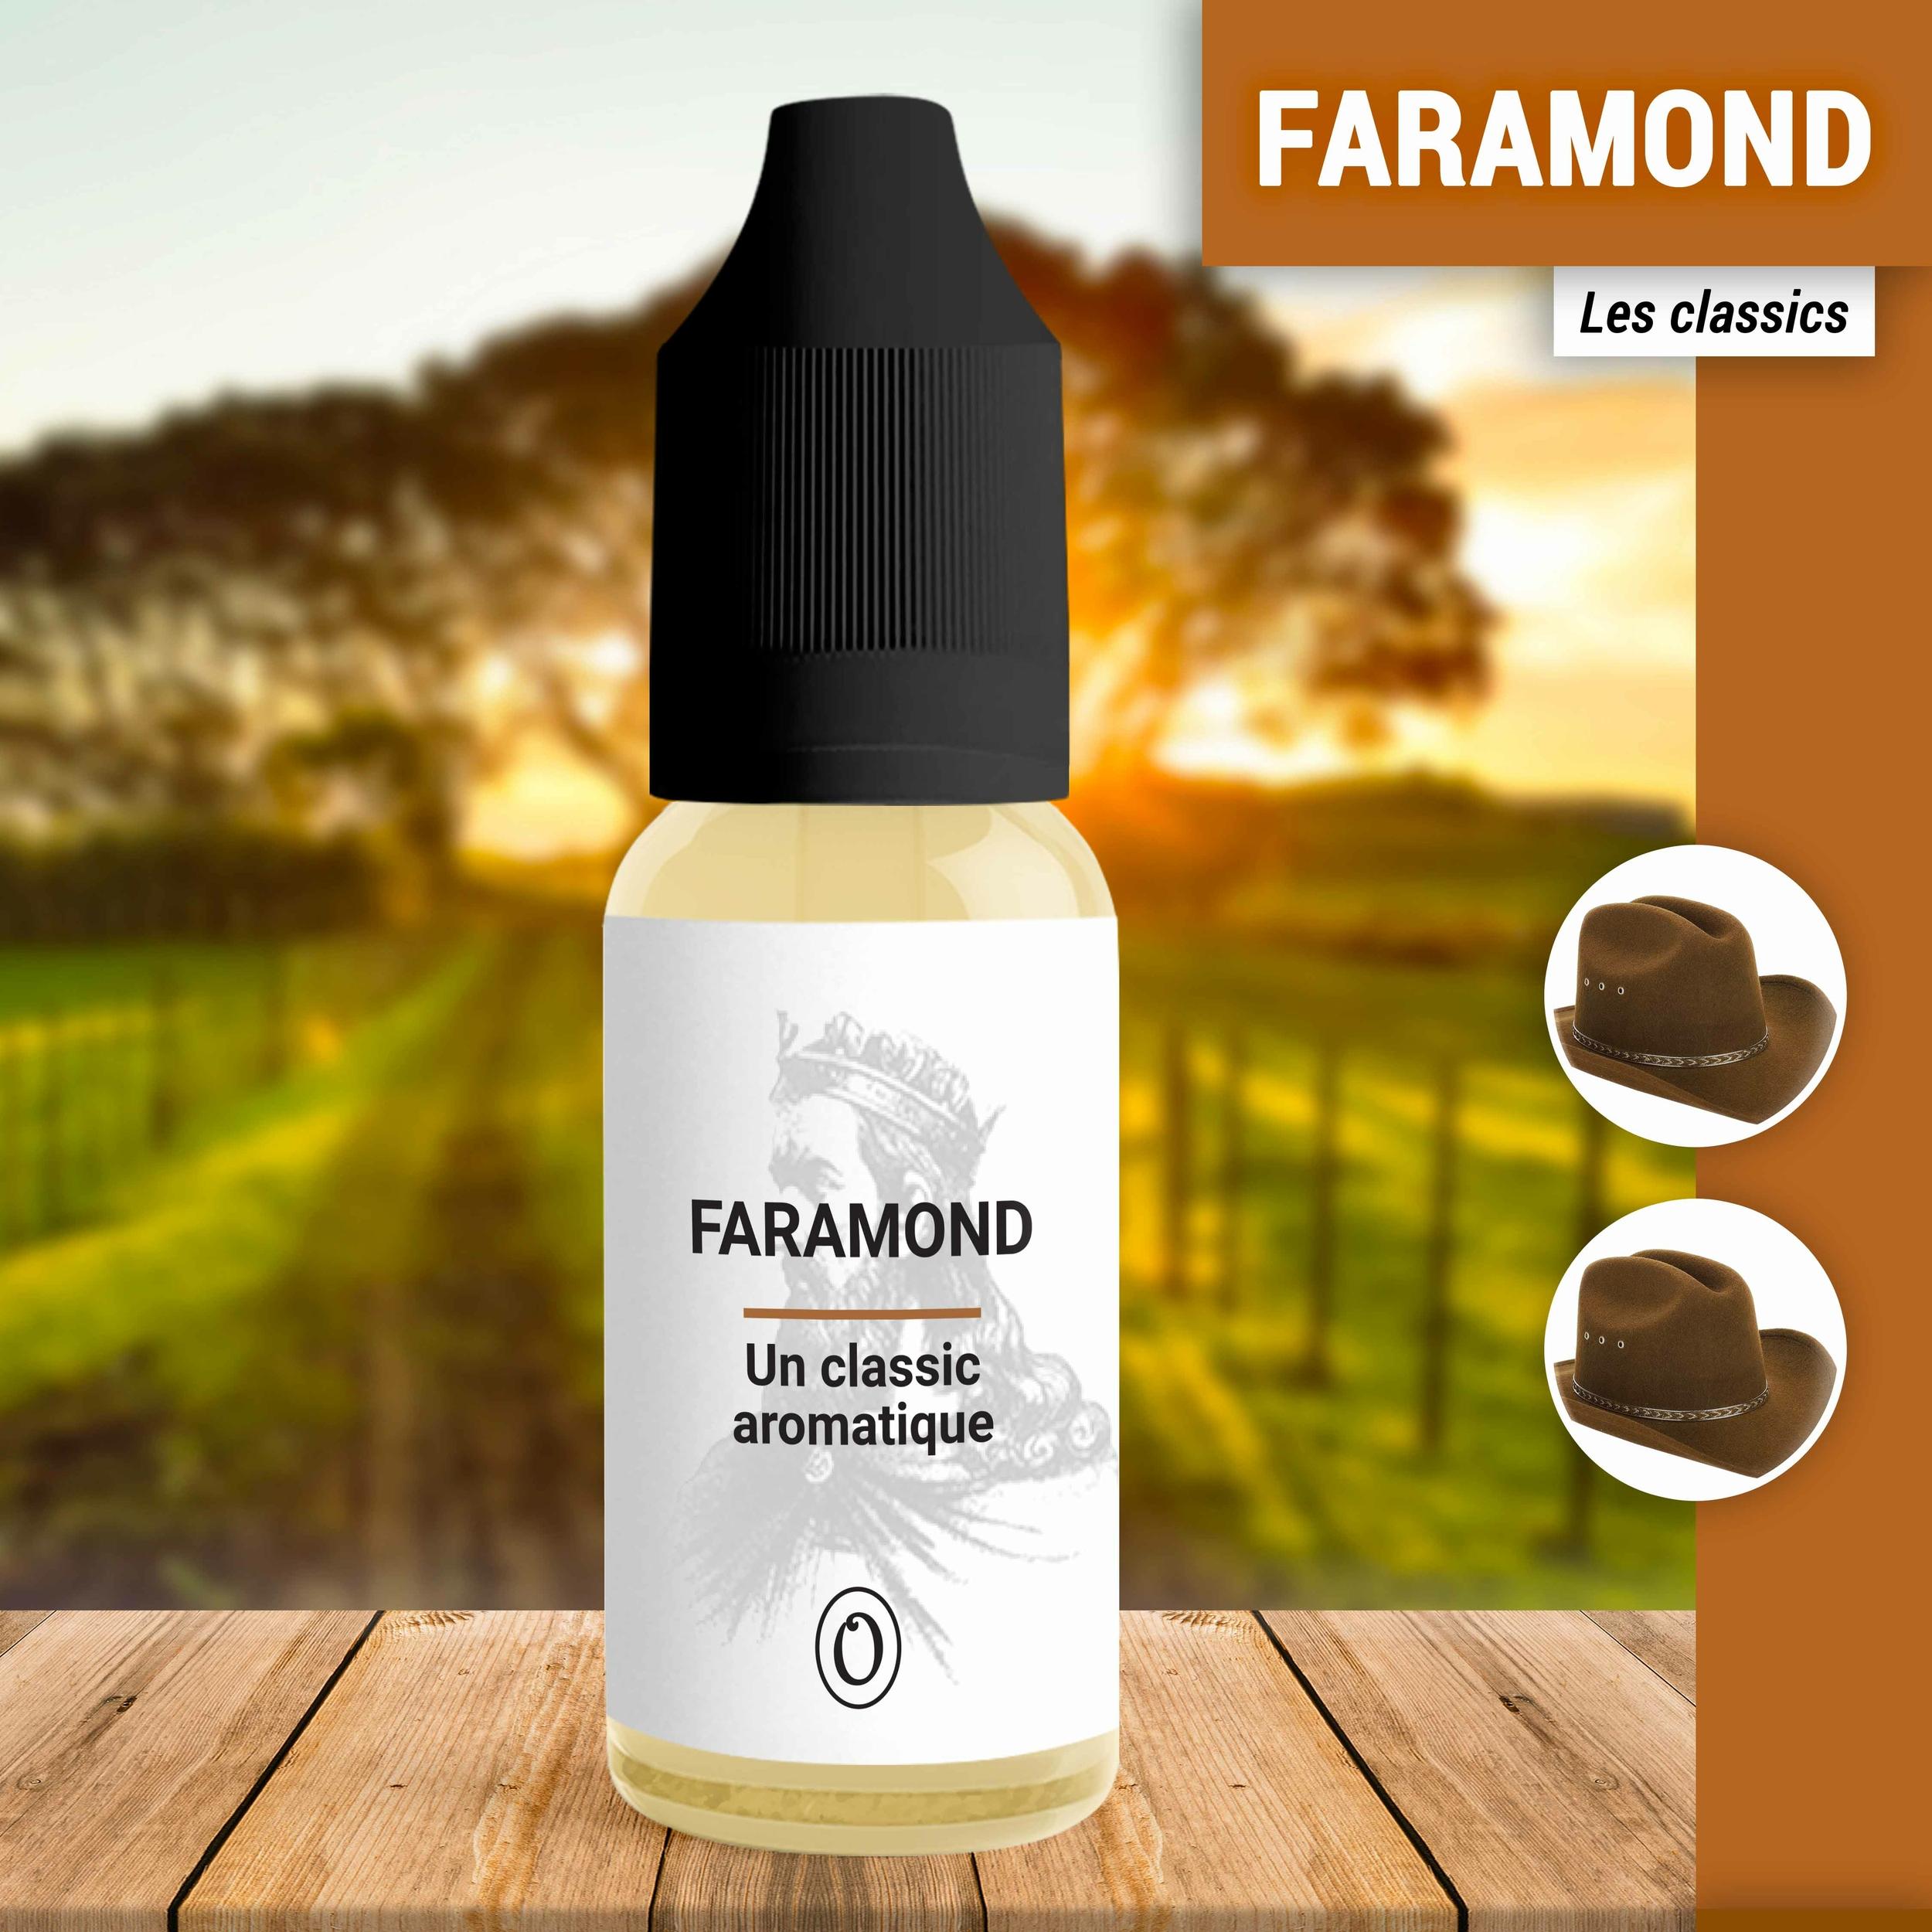 E-liquide Faramond 10ml